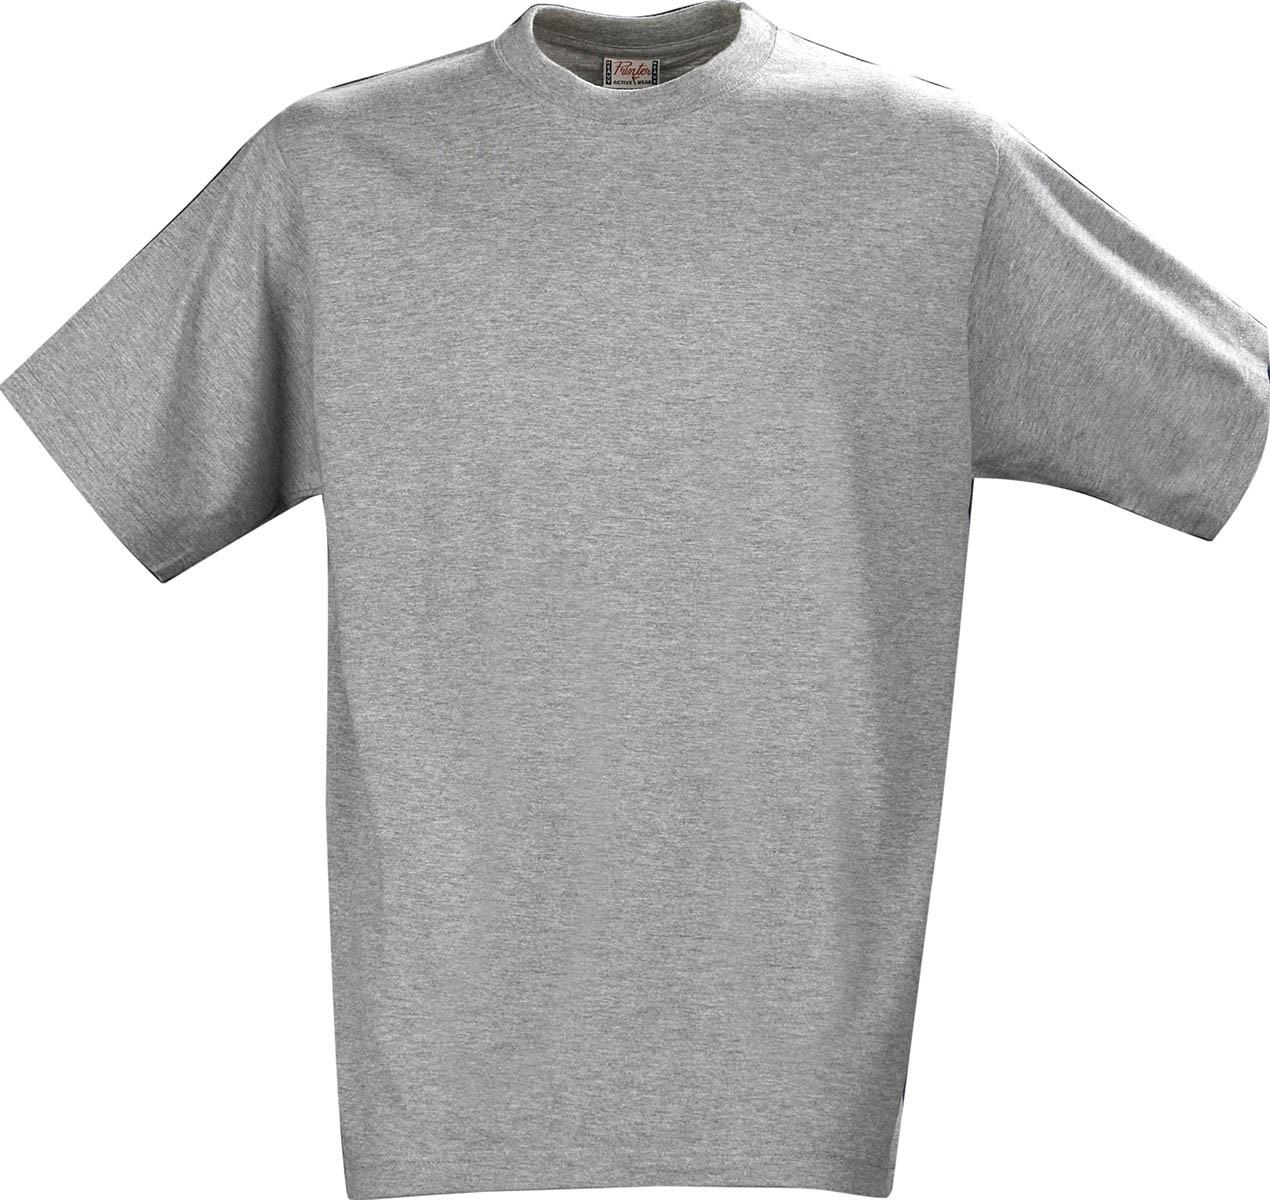 Футболка мужская Heavy от ТМ Printer (цвет серый-меланж)